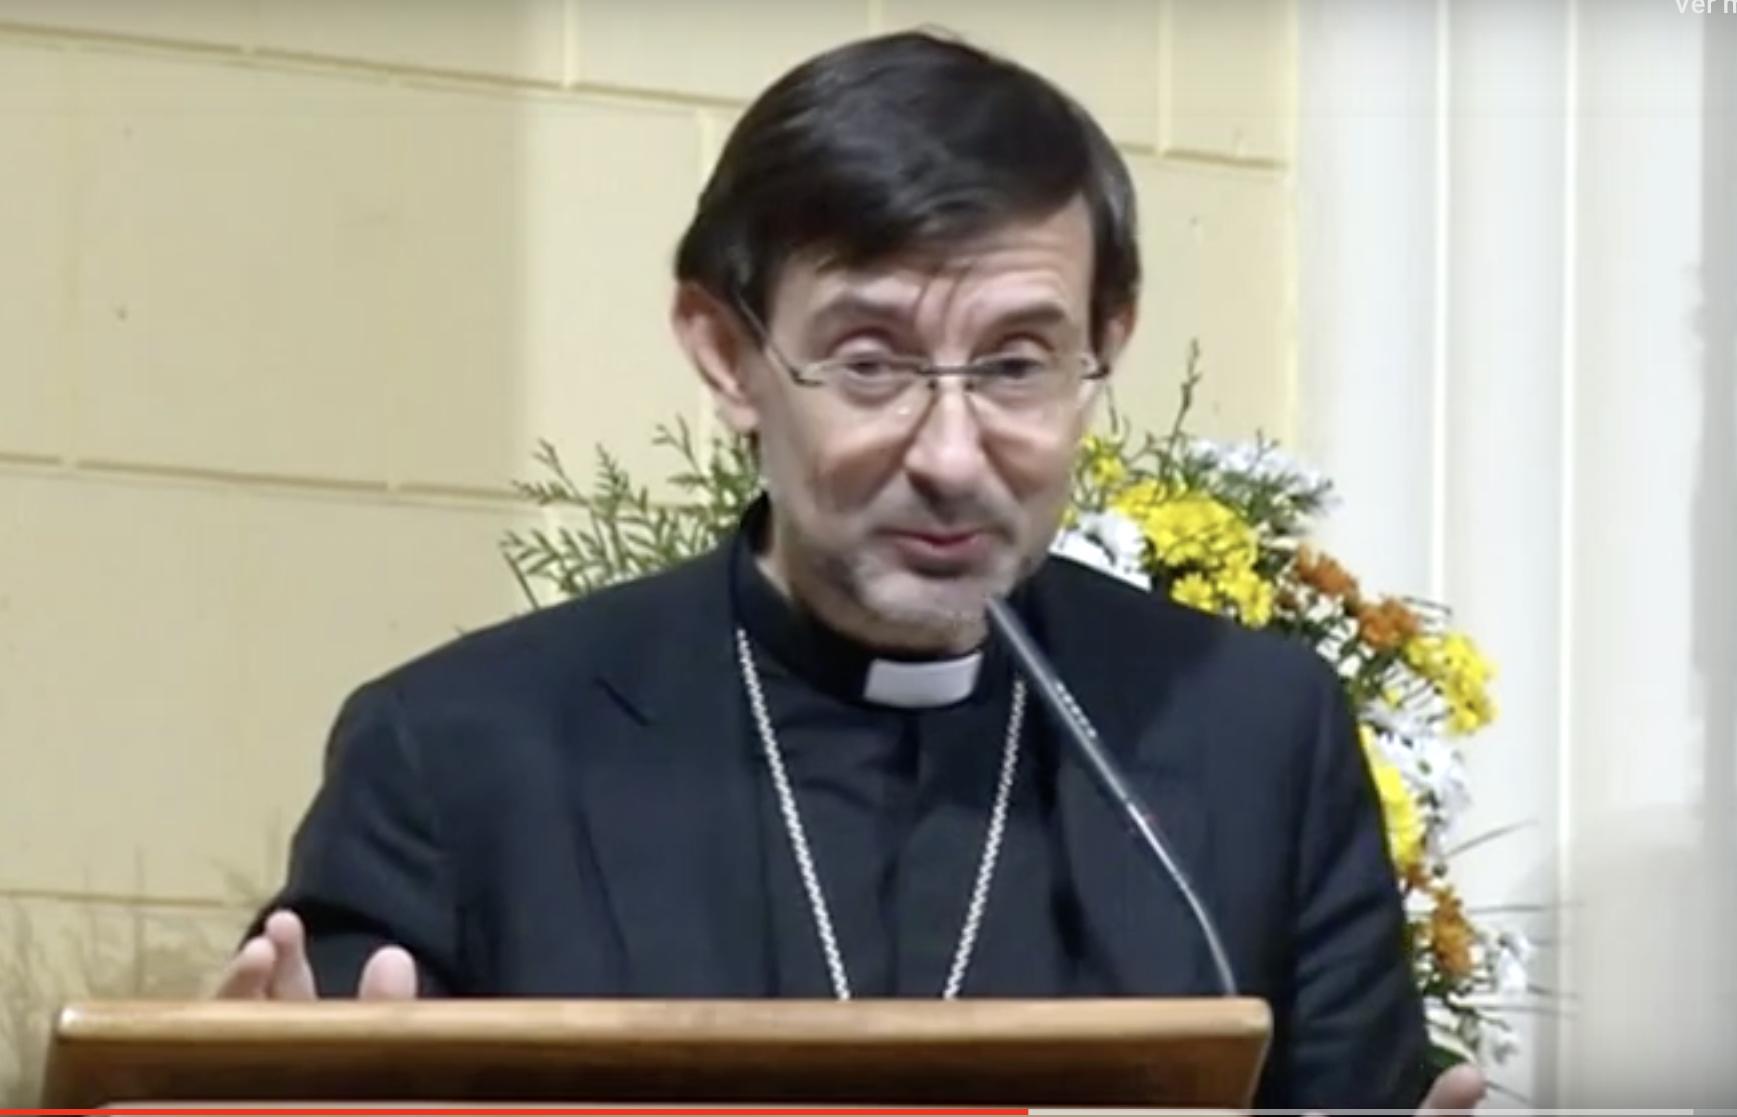 Palabras de D. José Cobo, obispo auxiliar de Madrid, en la 7ª Vigilia Diocesana por la Comunión Eclesial (24/2/19)